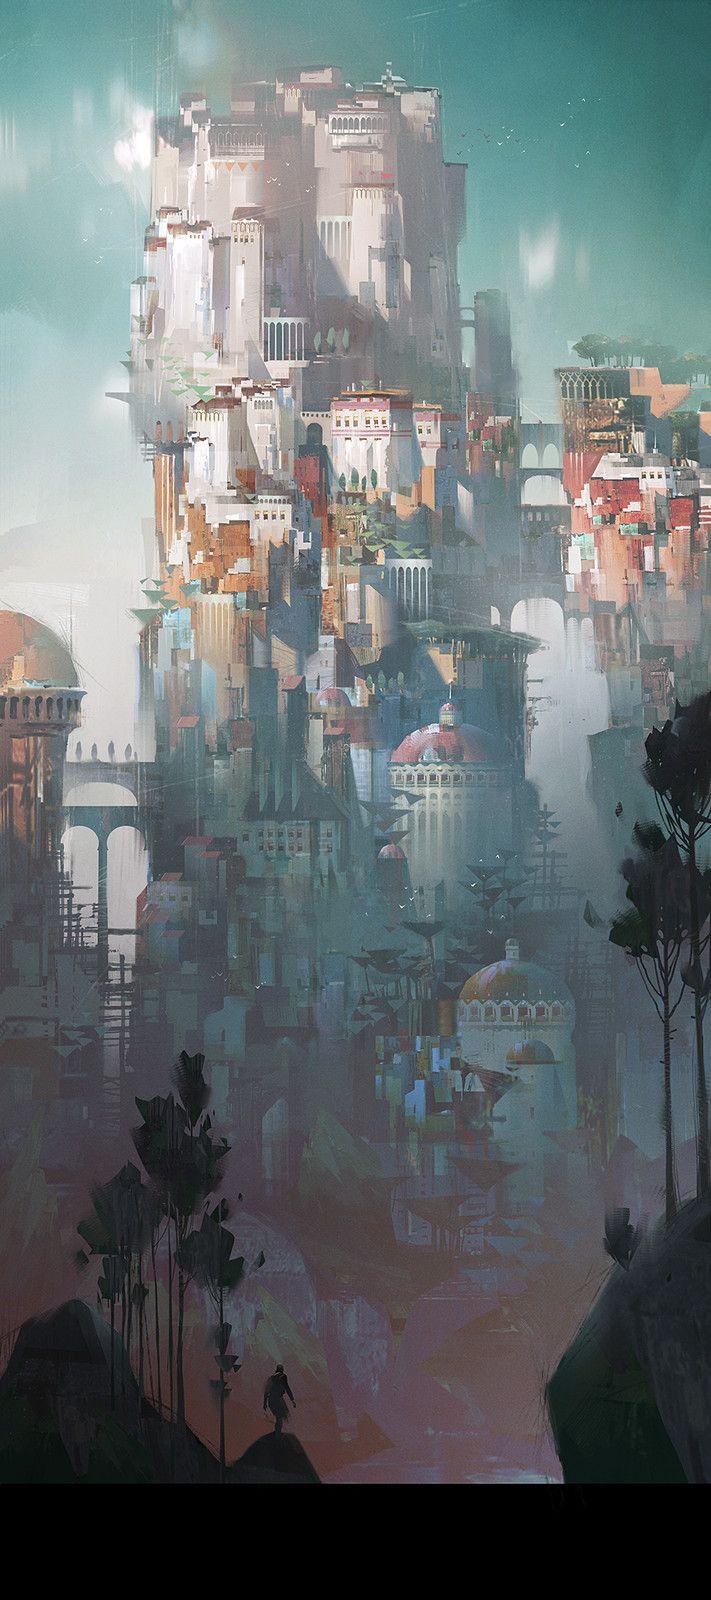 Lost kingdom, Ivan Laliashvili on ArtStation at https://www.artstation.com/artwork/54D5J